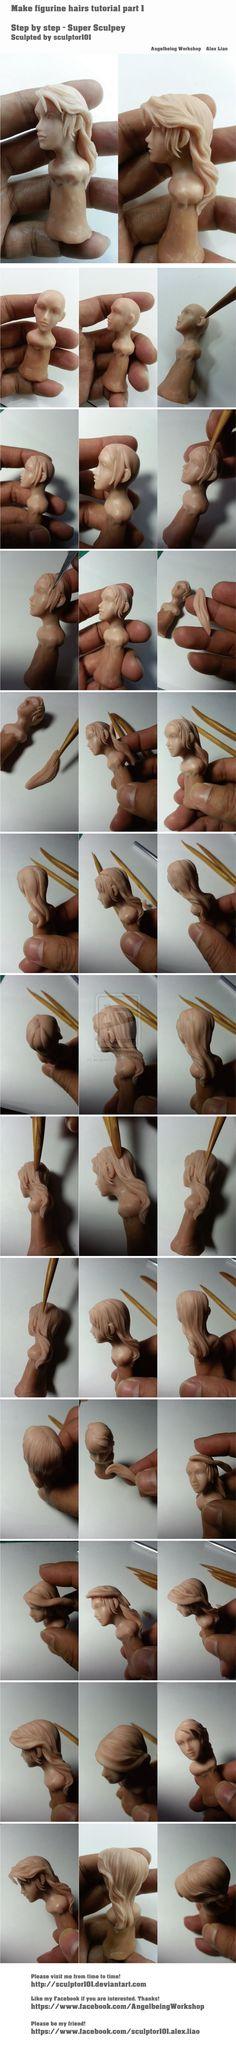 Making figurine hairs tutorial part 1 by sculptor101.deviantart.com on @deviantART